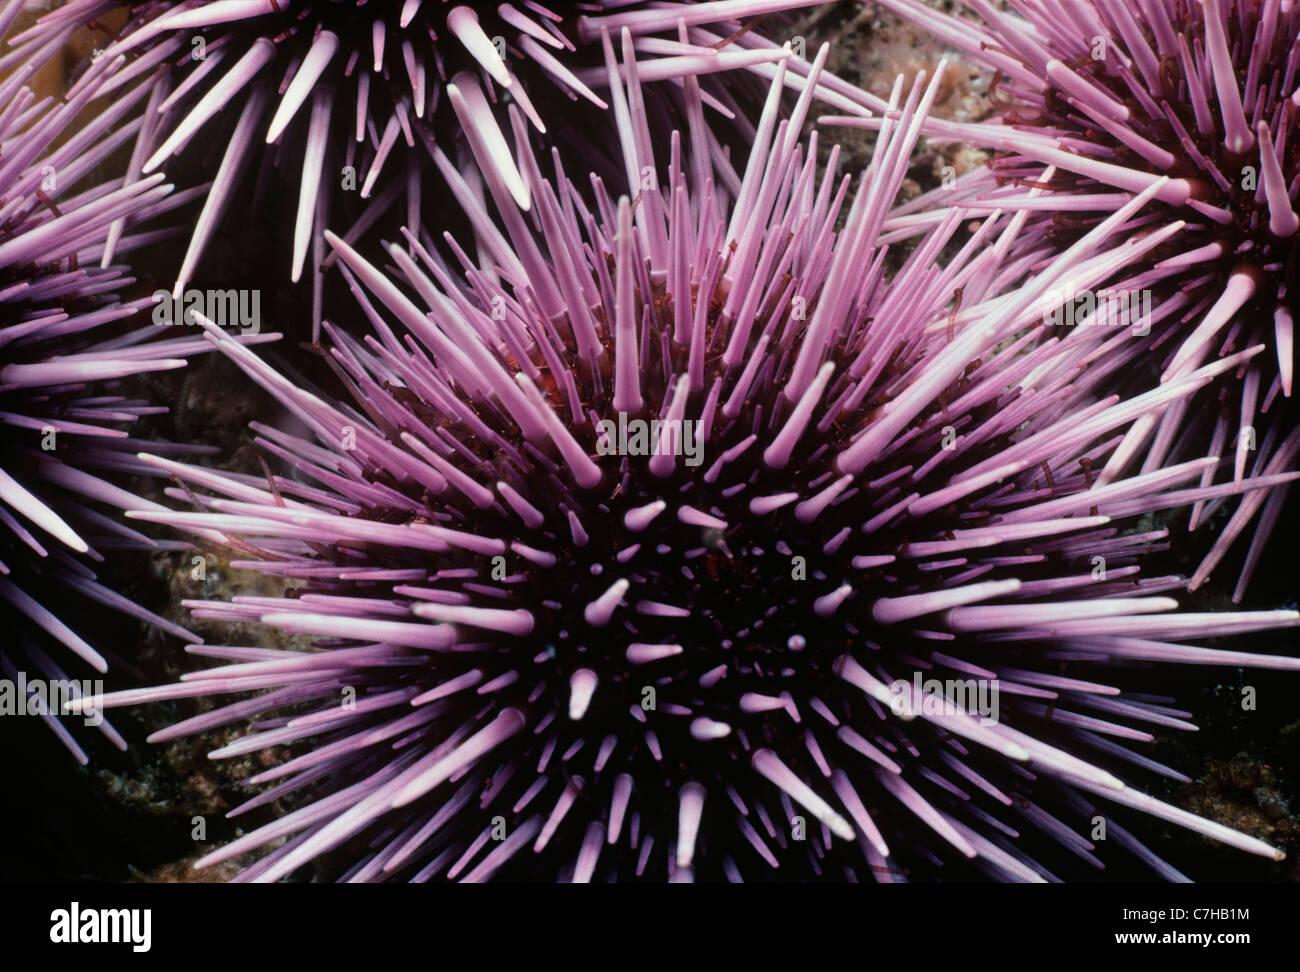 Colonie de l'oursin violet (Strongylocentratus purpuratus) se nourrissant de varech. Channel Islands, Californie Banque D'Images